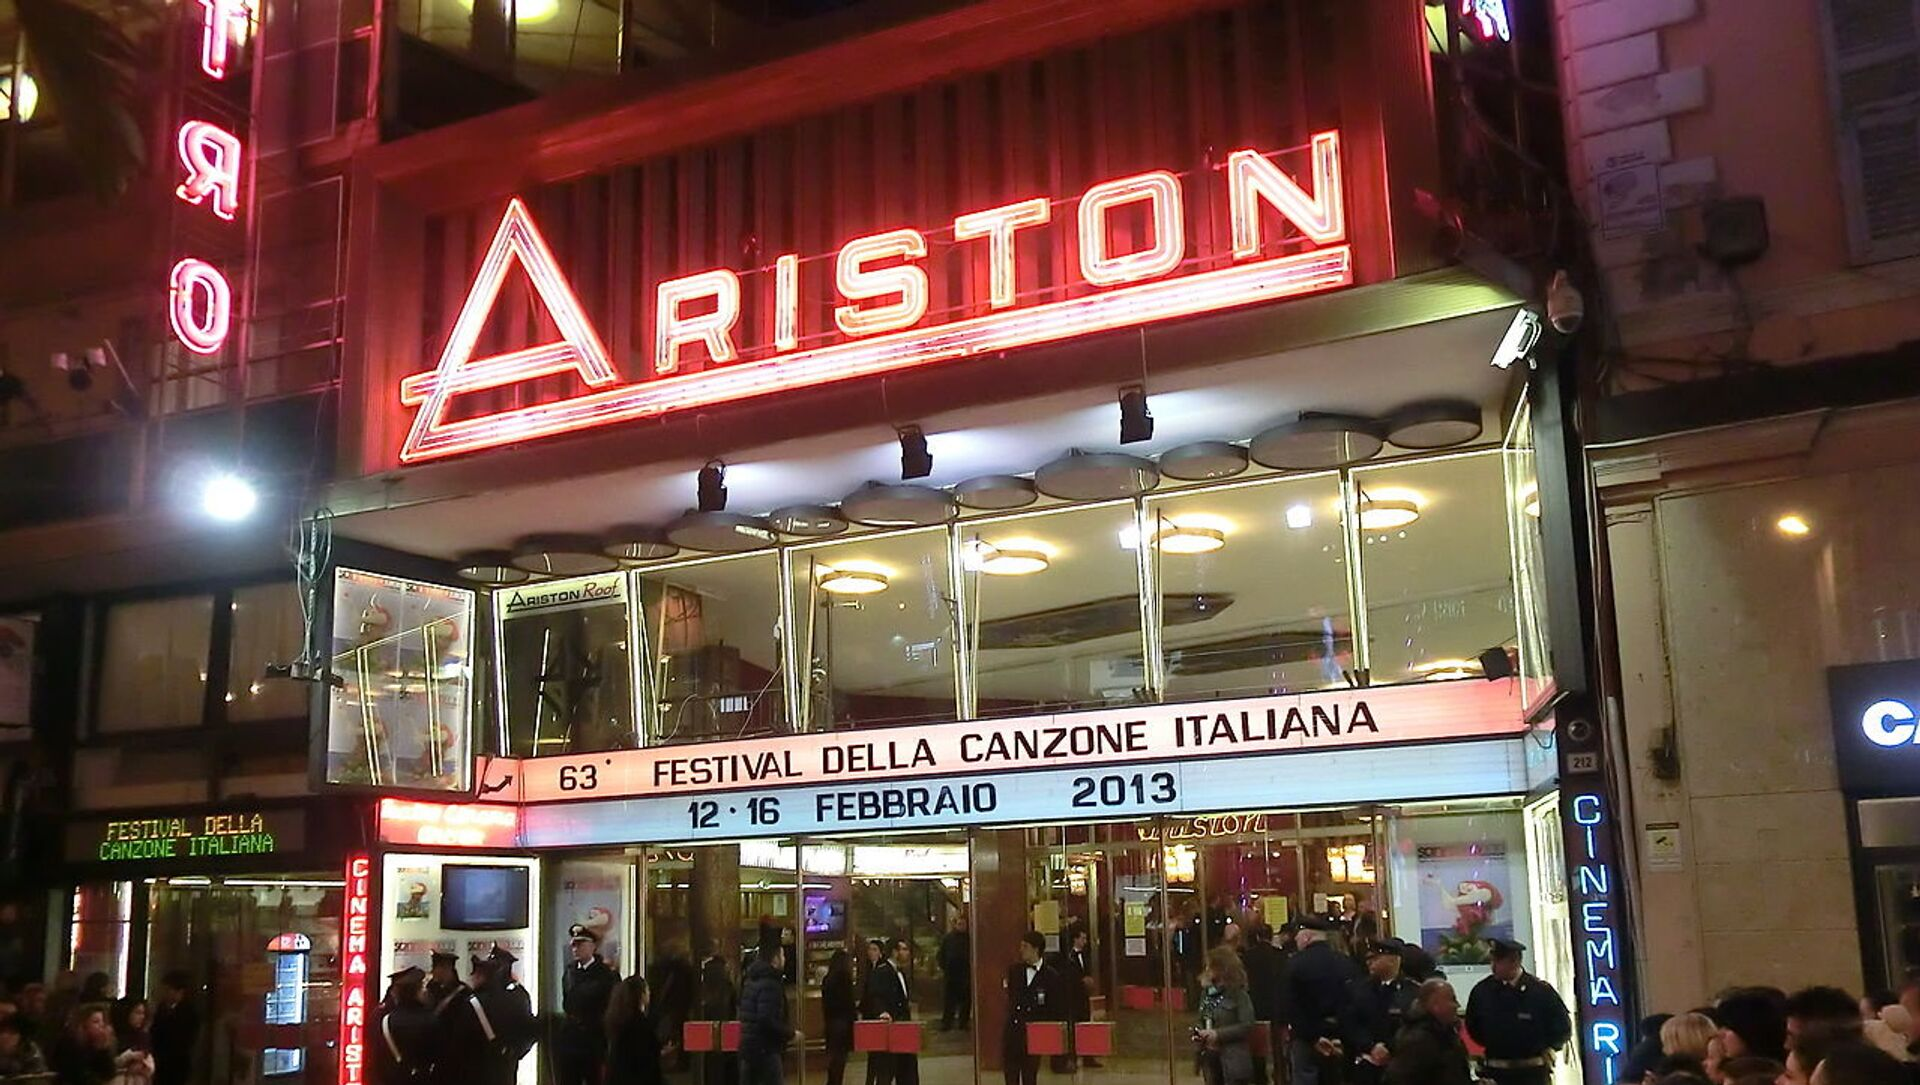 Teatro Ariston - Sanremo - Sputnik Italia, 1920, 05.02.2021